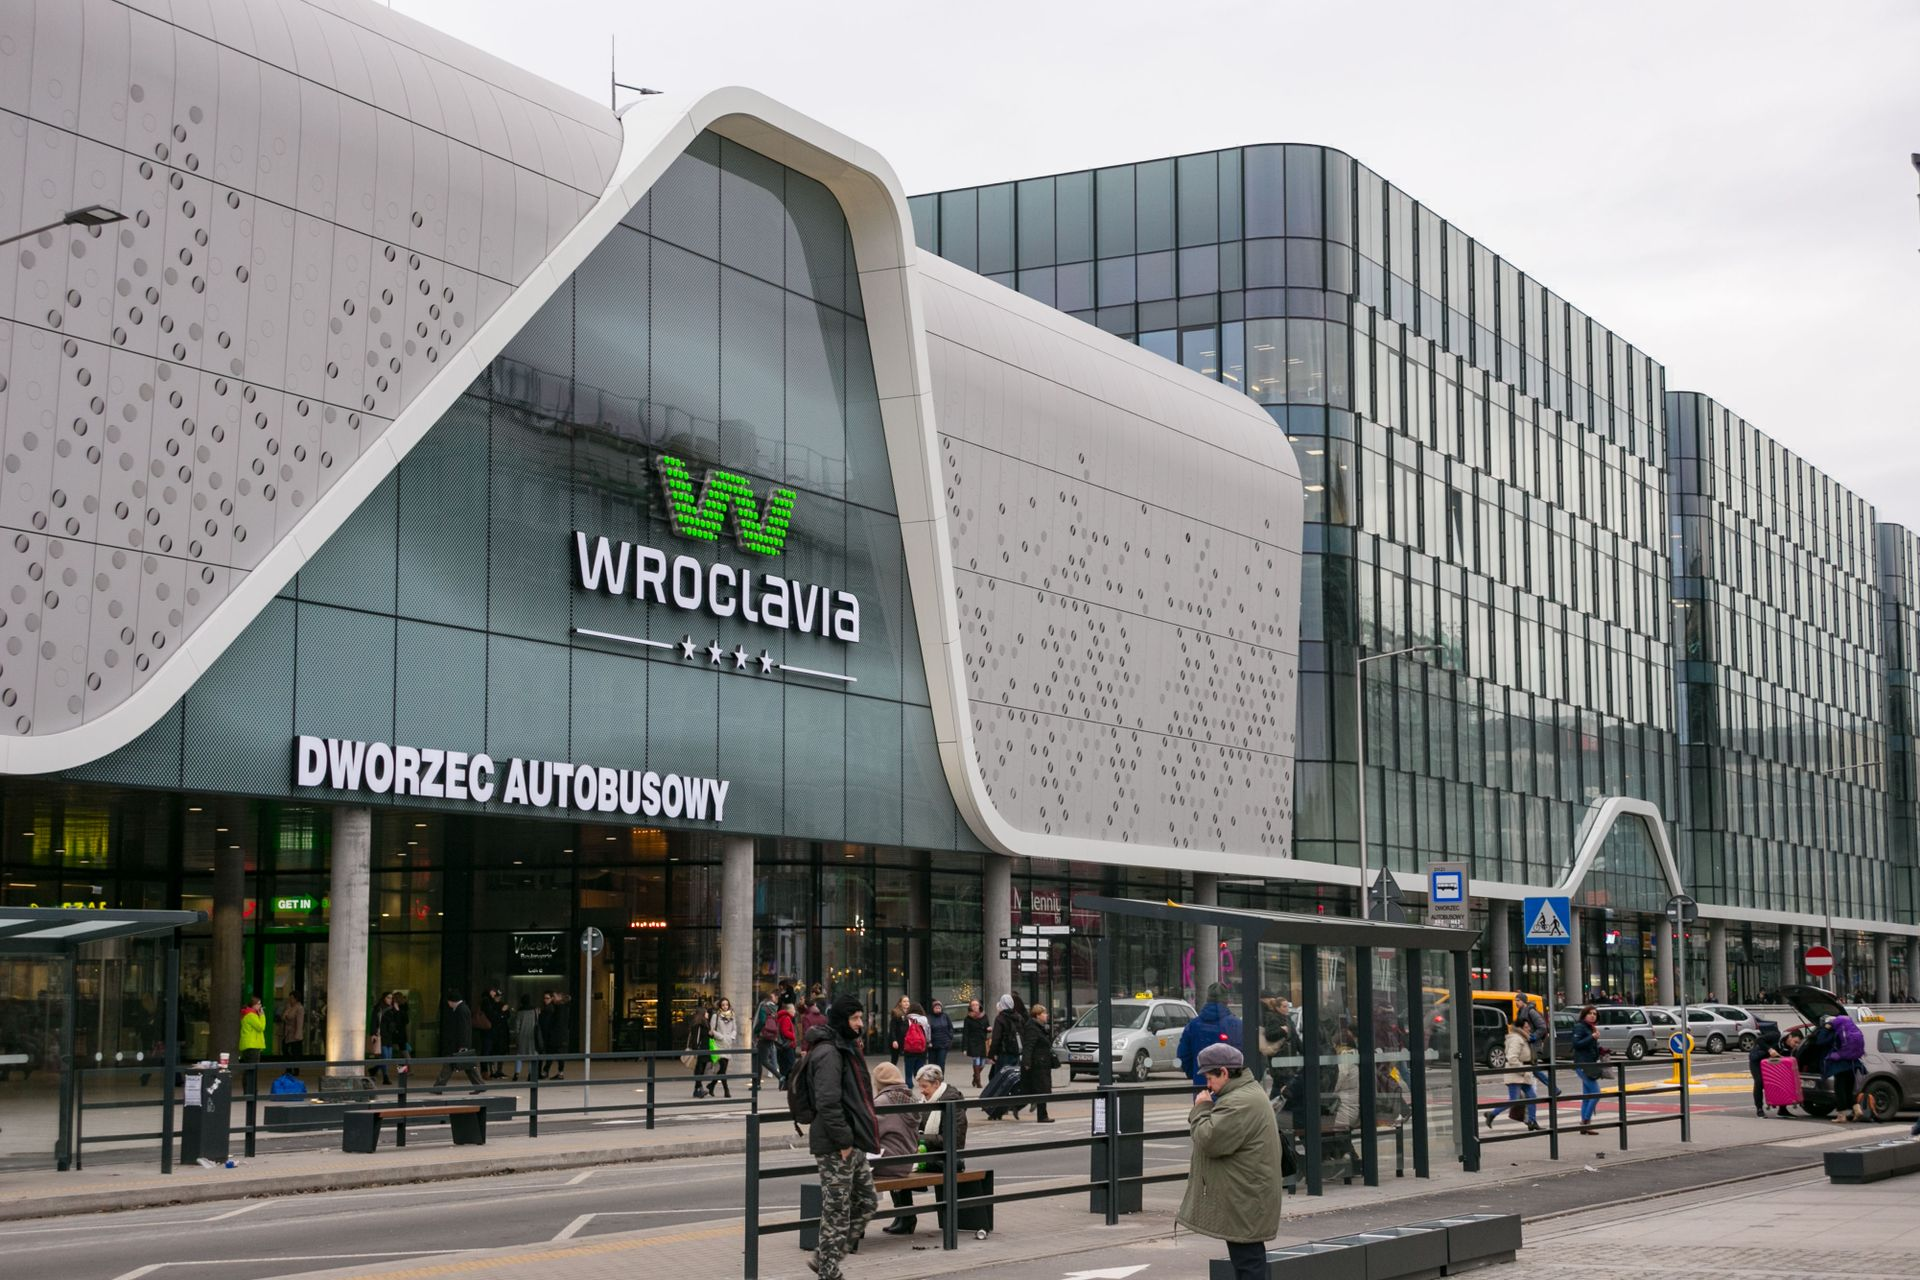 Wroclavia najlepszym centrum handlowym w Europie Środkowo-Wschodniej